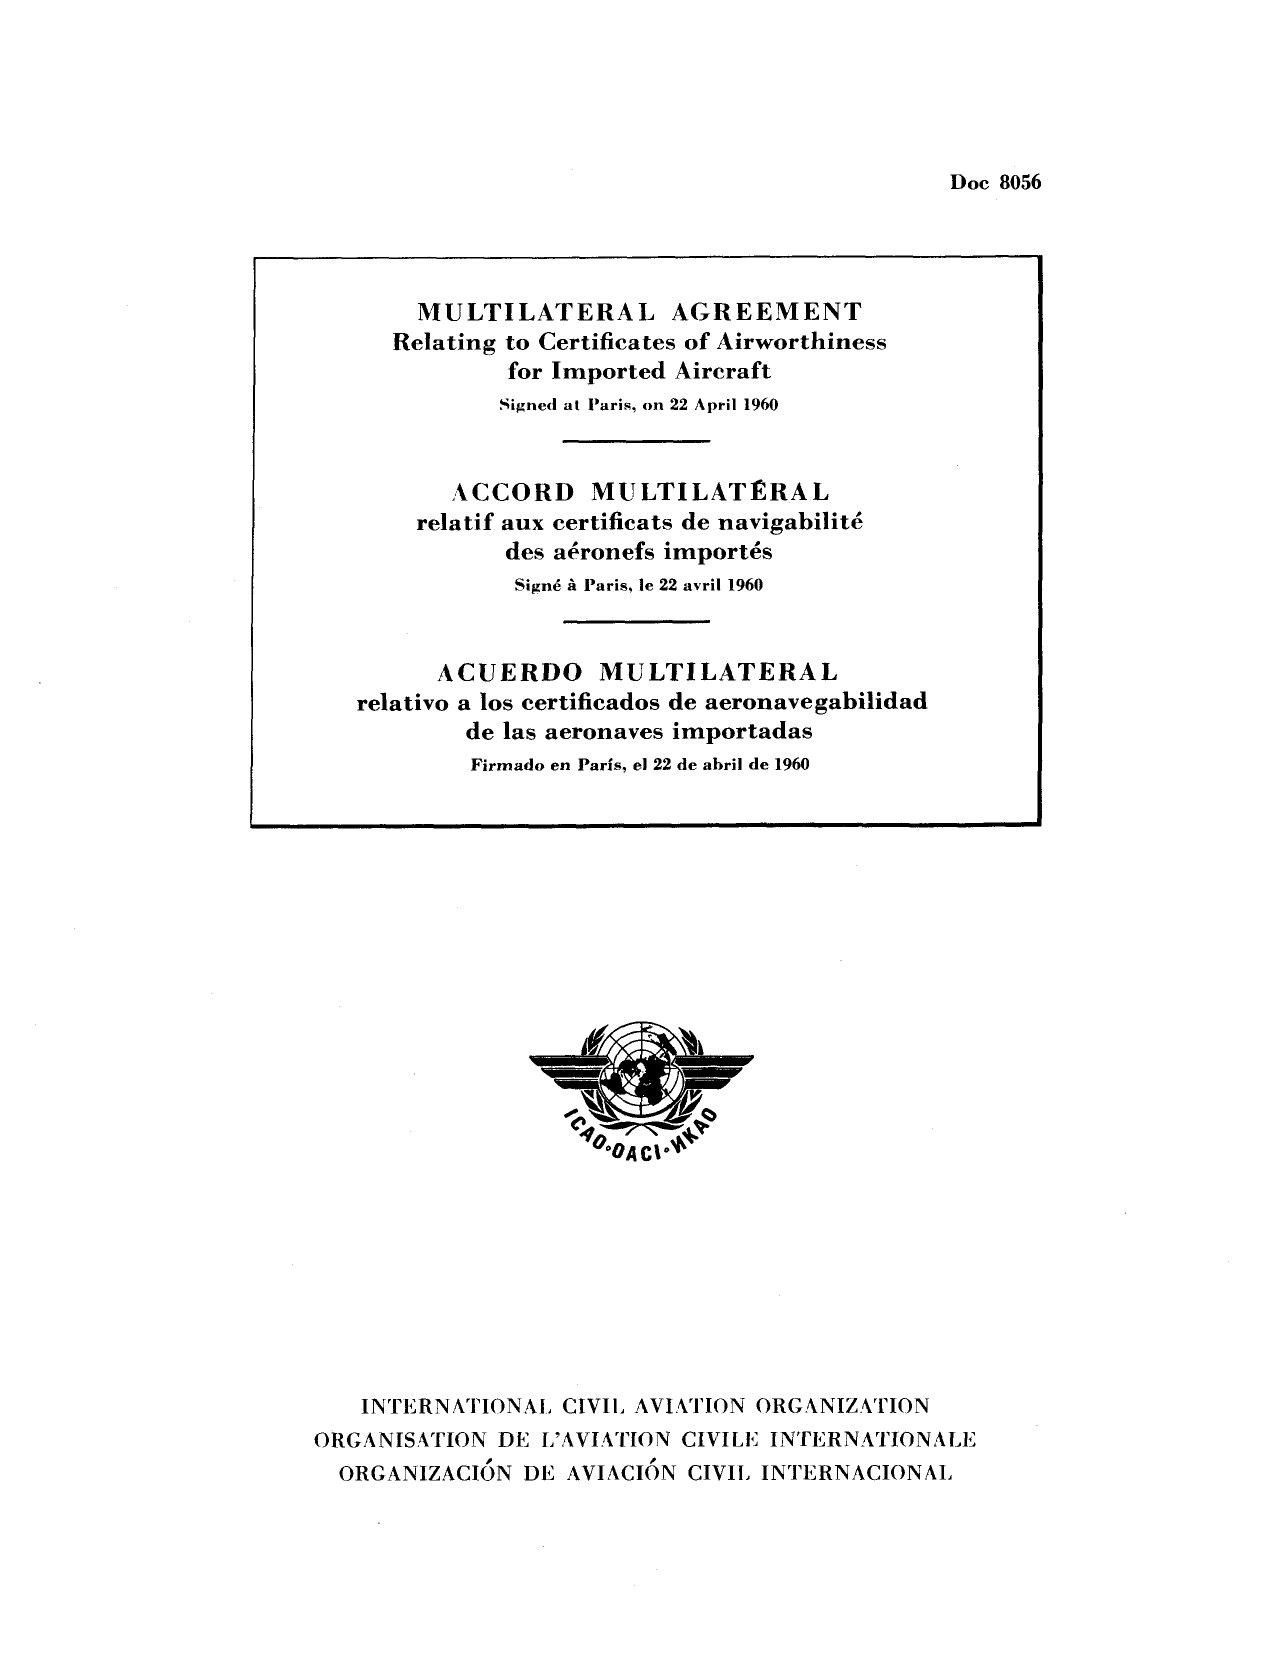 Обложка книги ICAO Doc 8056 Многостороннее соглашение по удостоверениям о годности к полетам импортируемых воздушных судов (ИКАО)